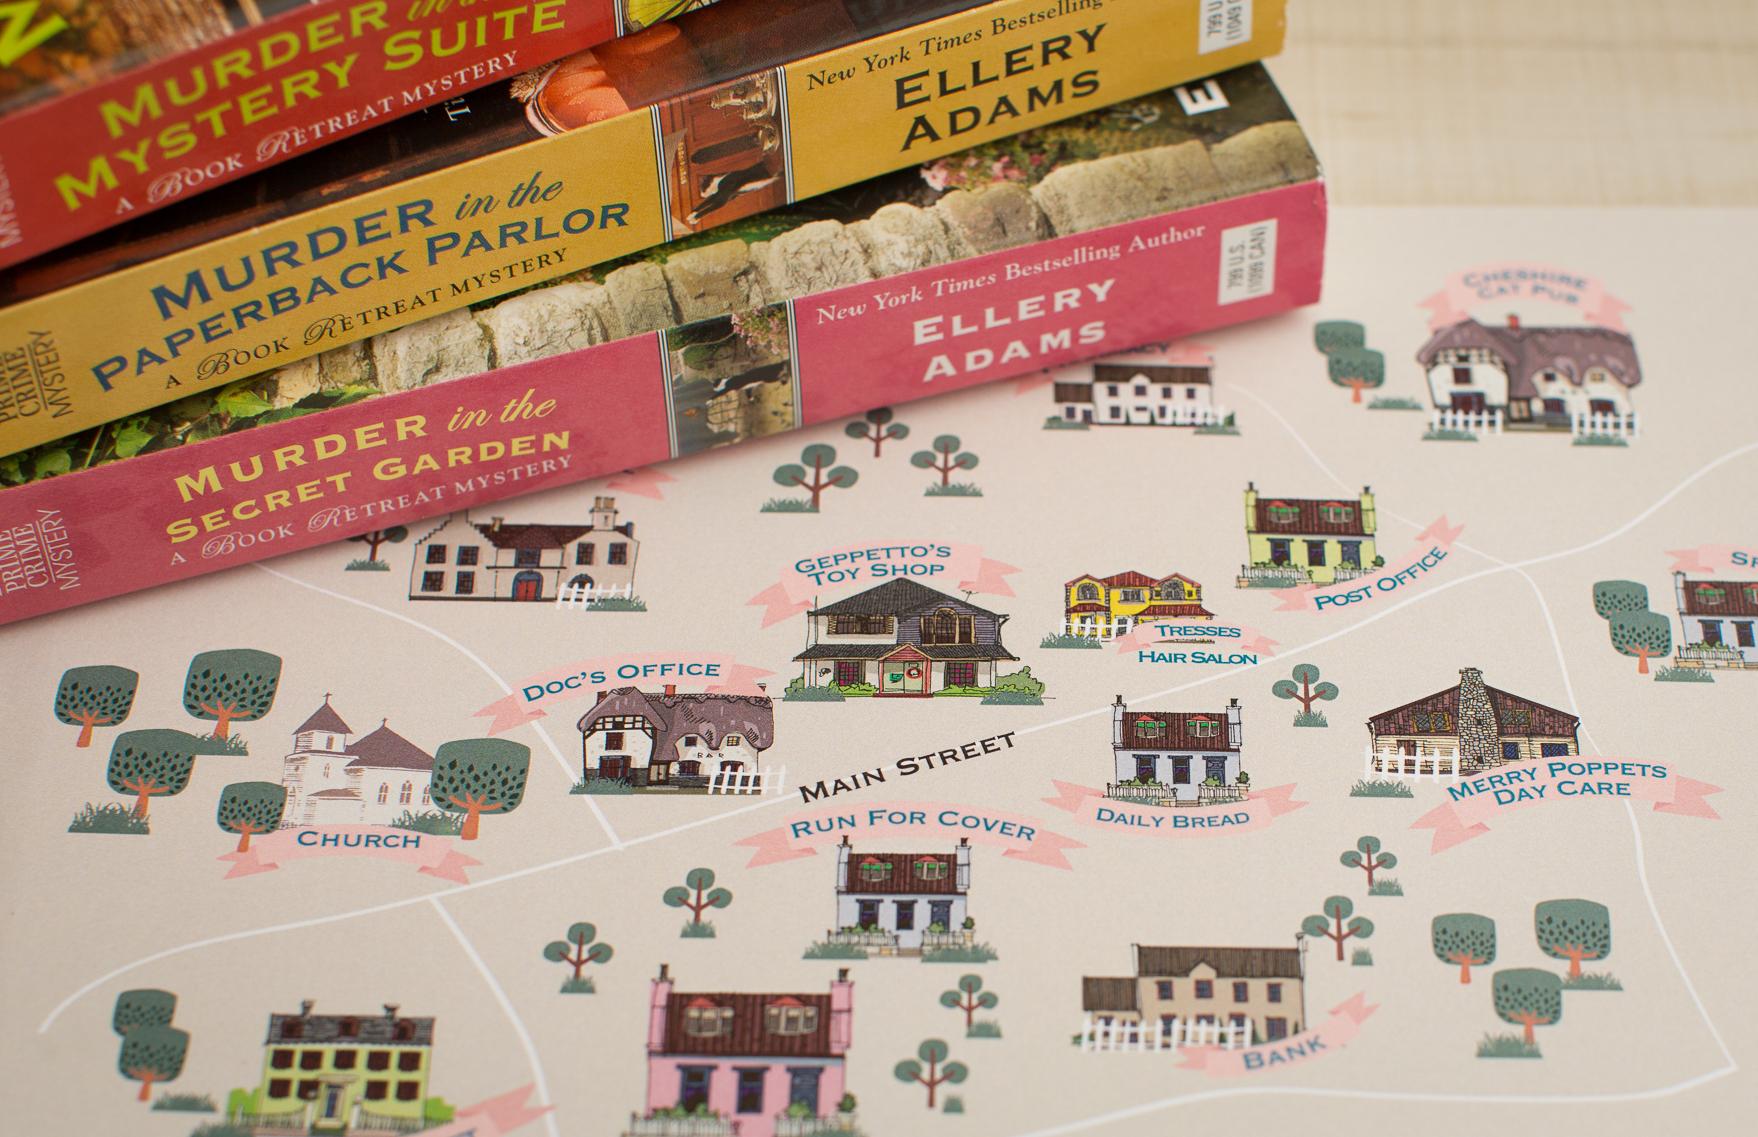 CW Designs Publication Map Ellery Adams